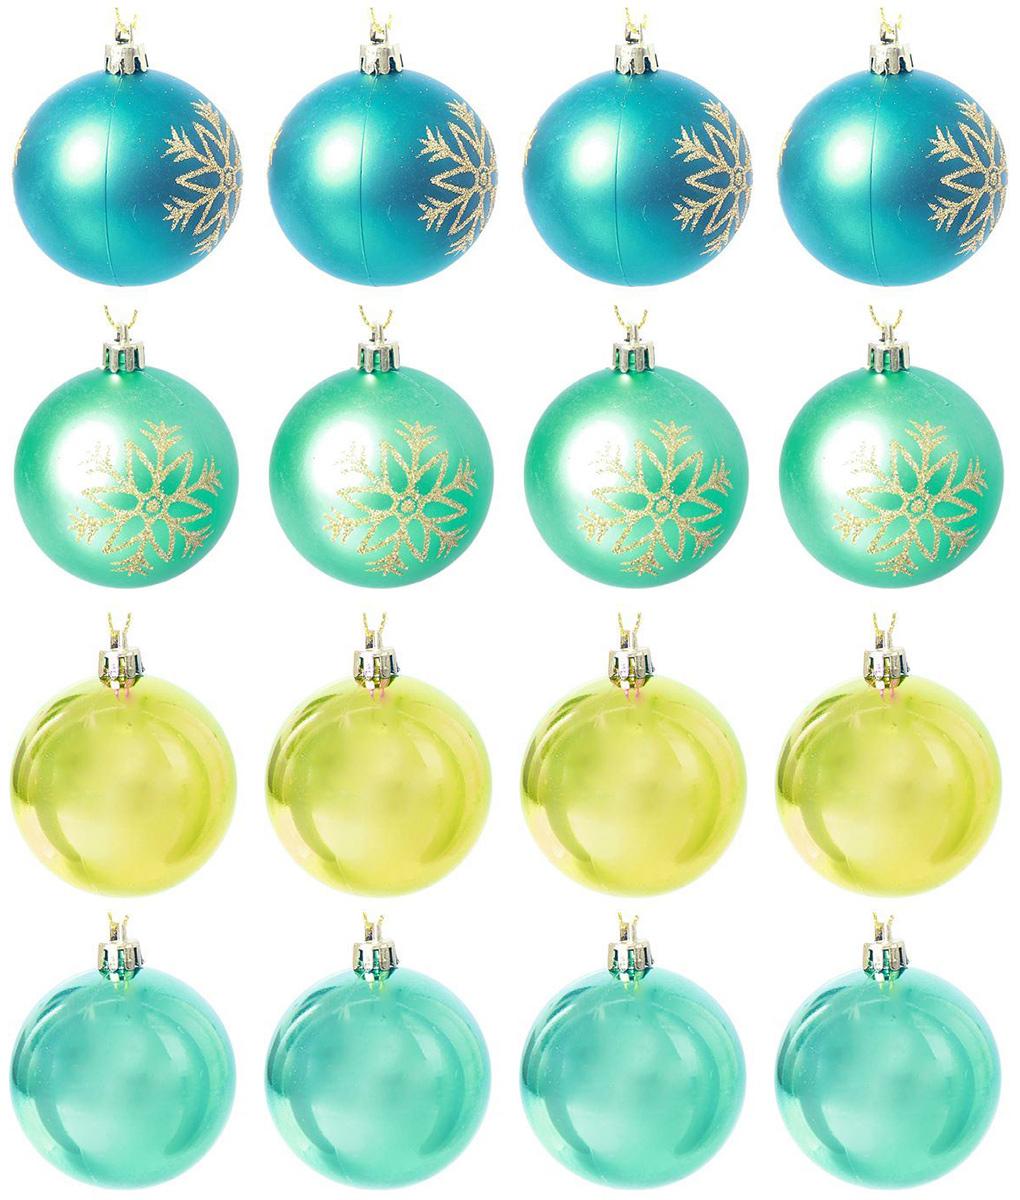 Набор новогодних подвесных украшений Sima-land Снежинка, диаметр 6 см, 12 шт. 2137129 свеча ароматизированная sima land лимон на подставке высота 6 см